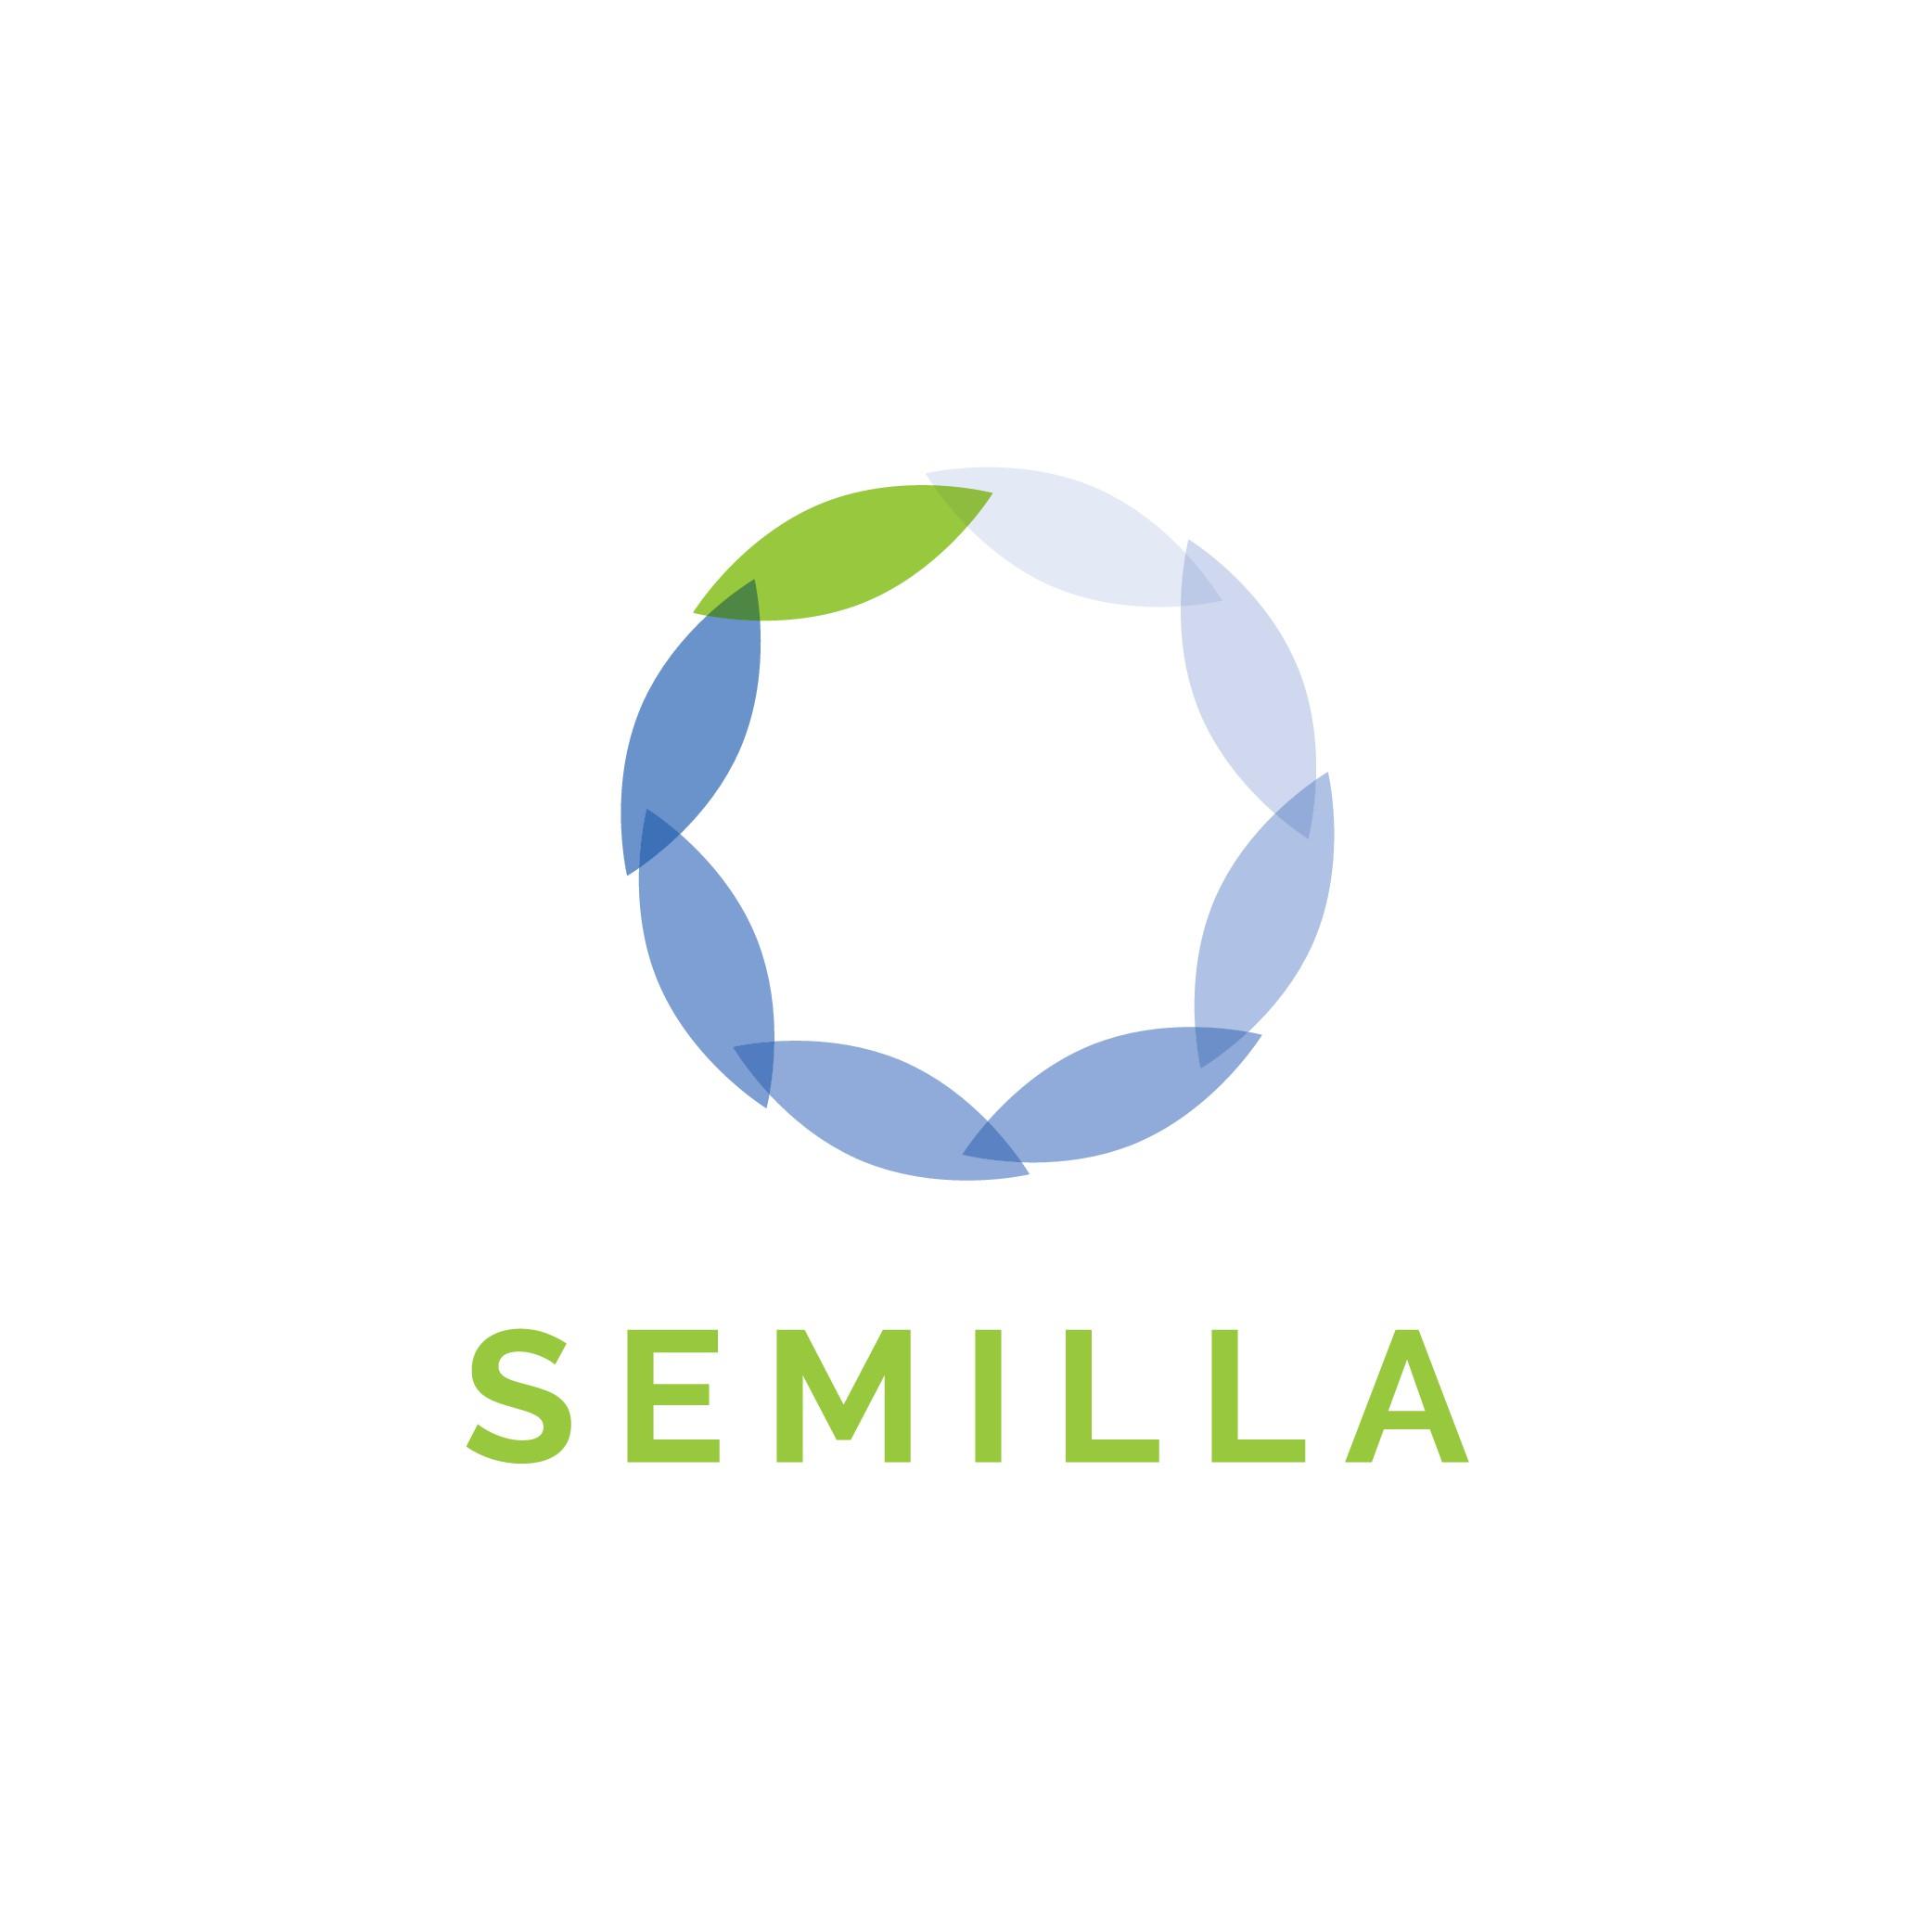 Design a digital marketing agency logo